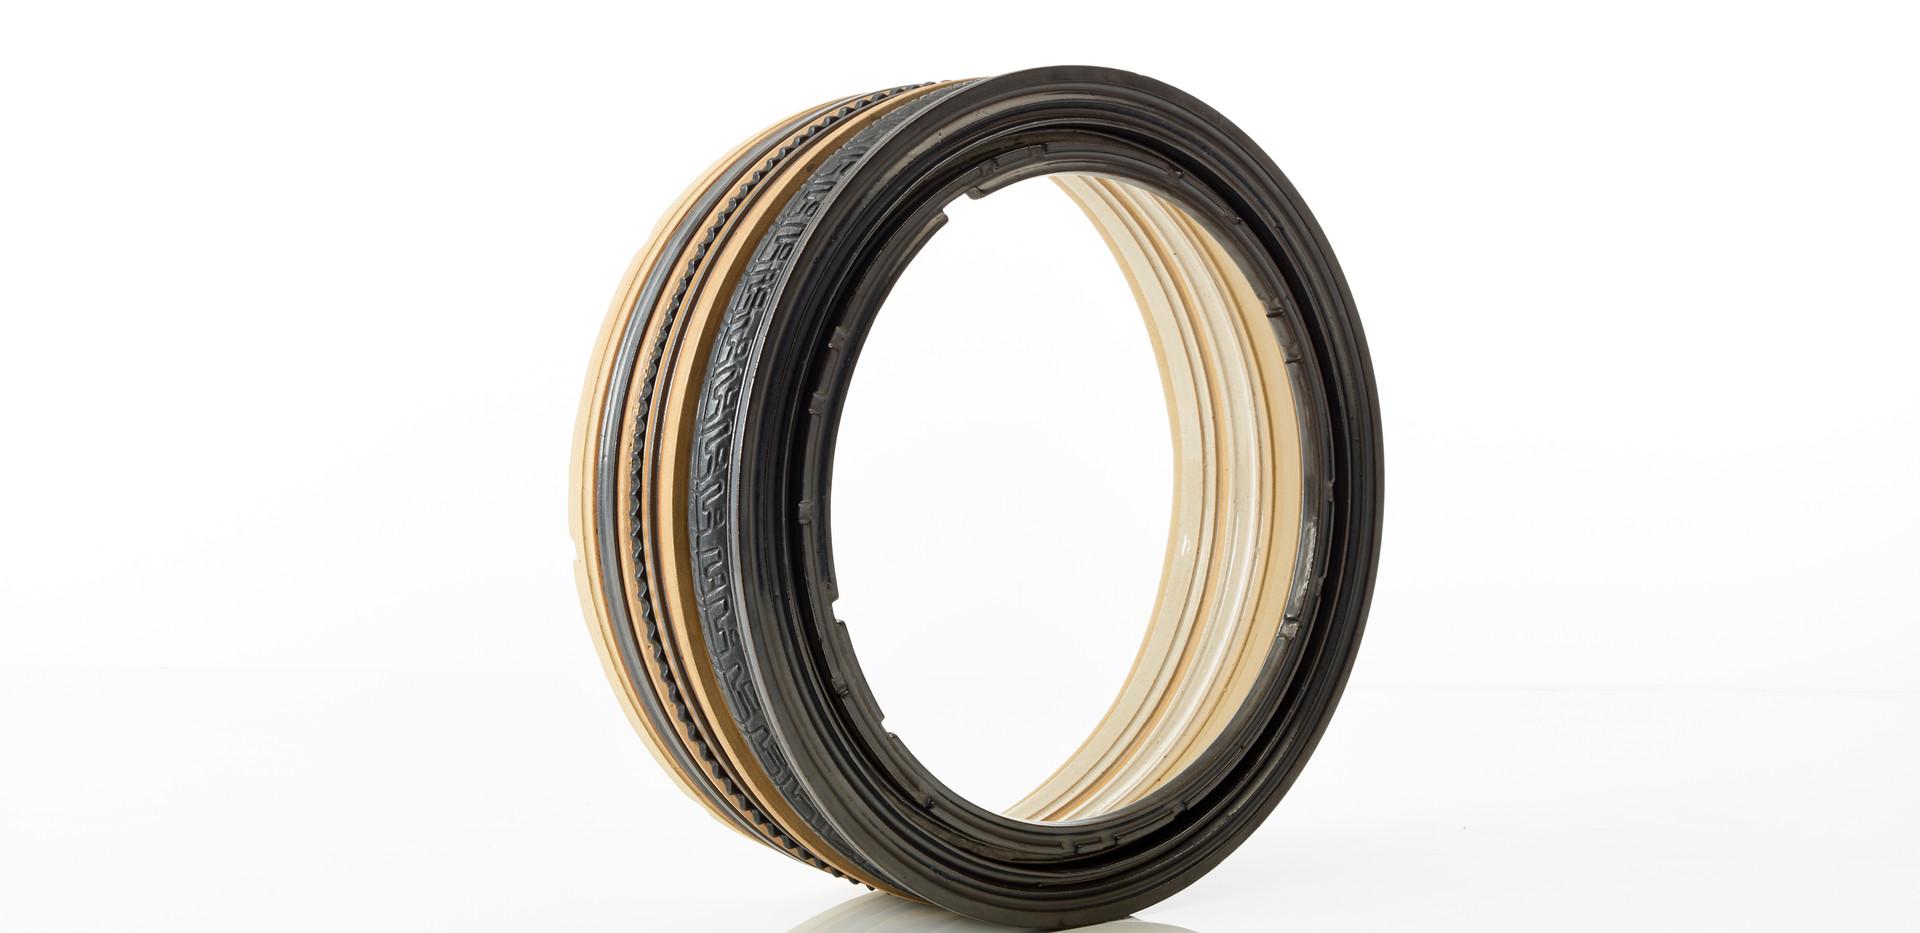 C20181004 (400x145mm)